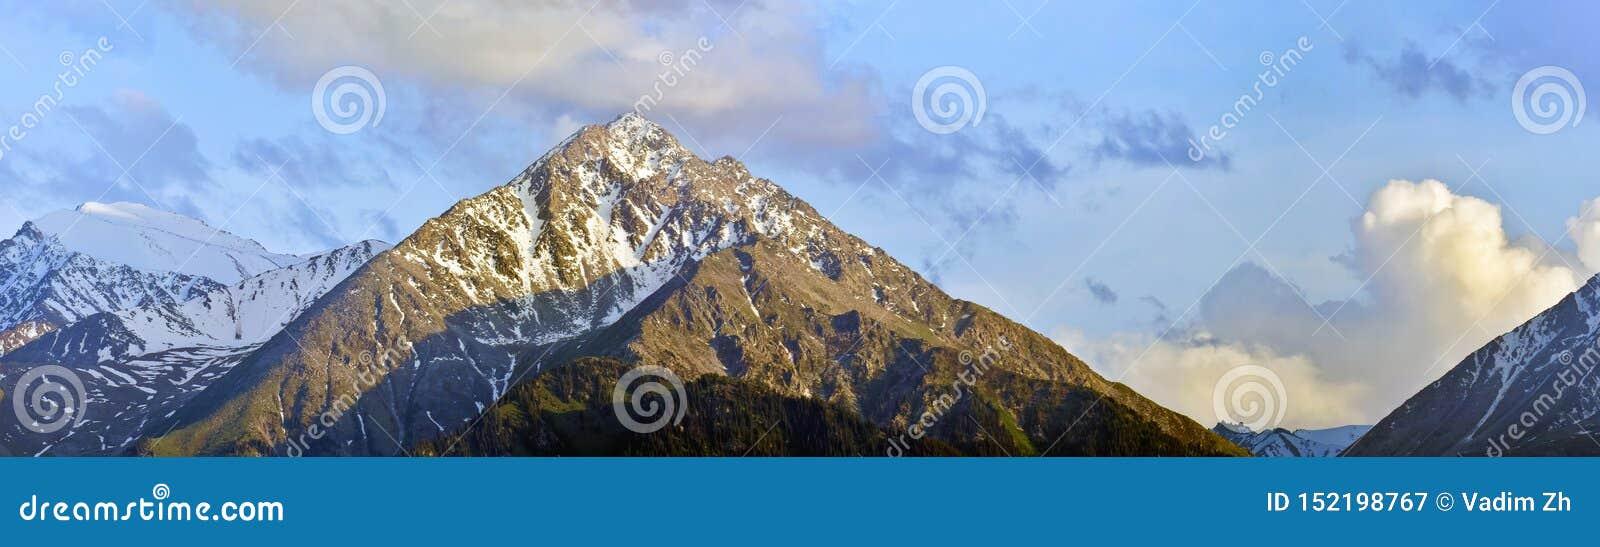 Panoramiczny strzał góry w chmurnej pogodzie, Kazachstan